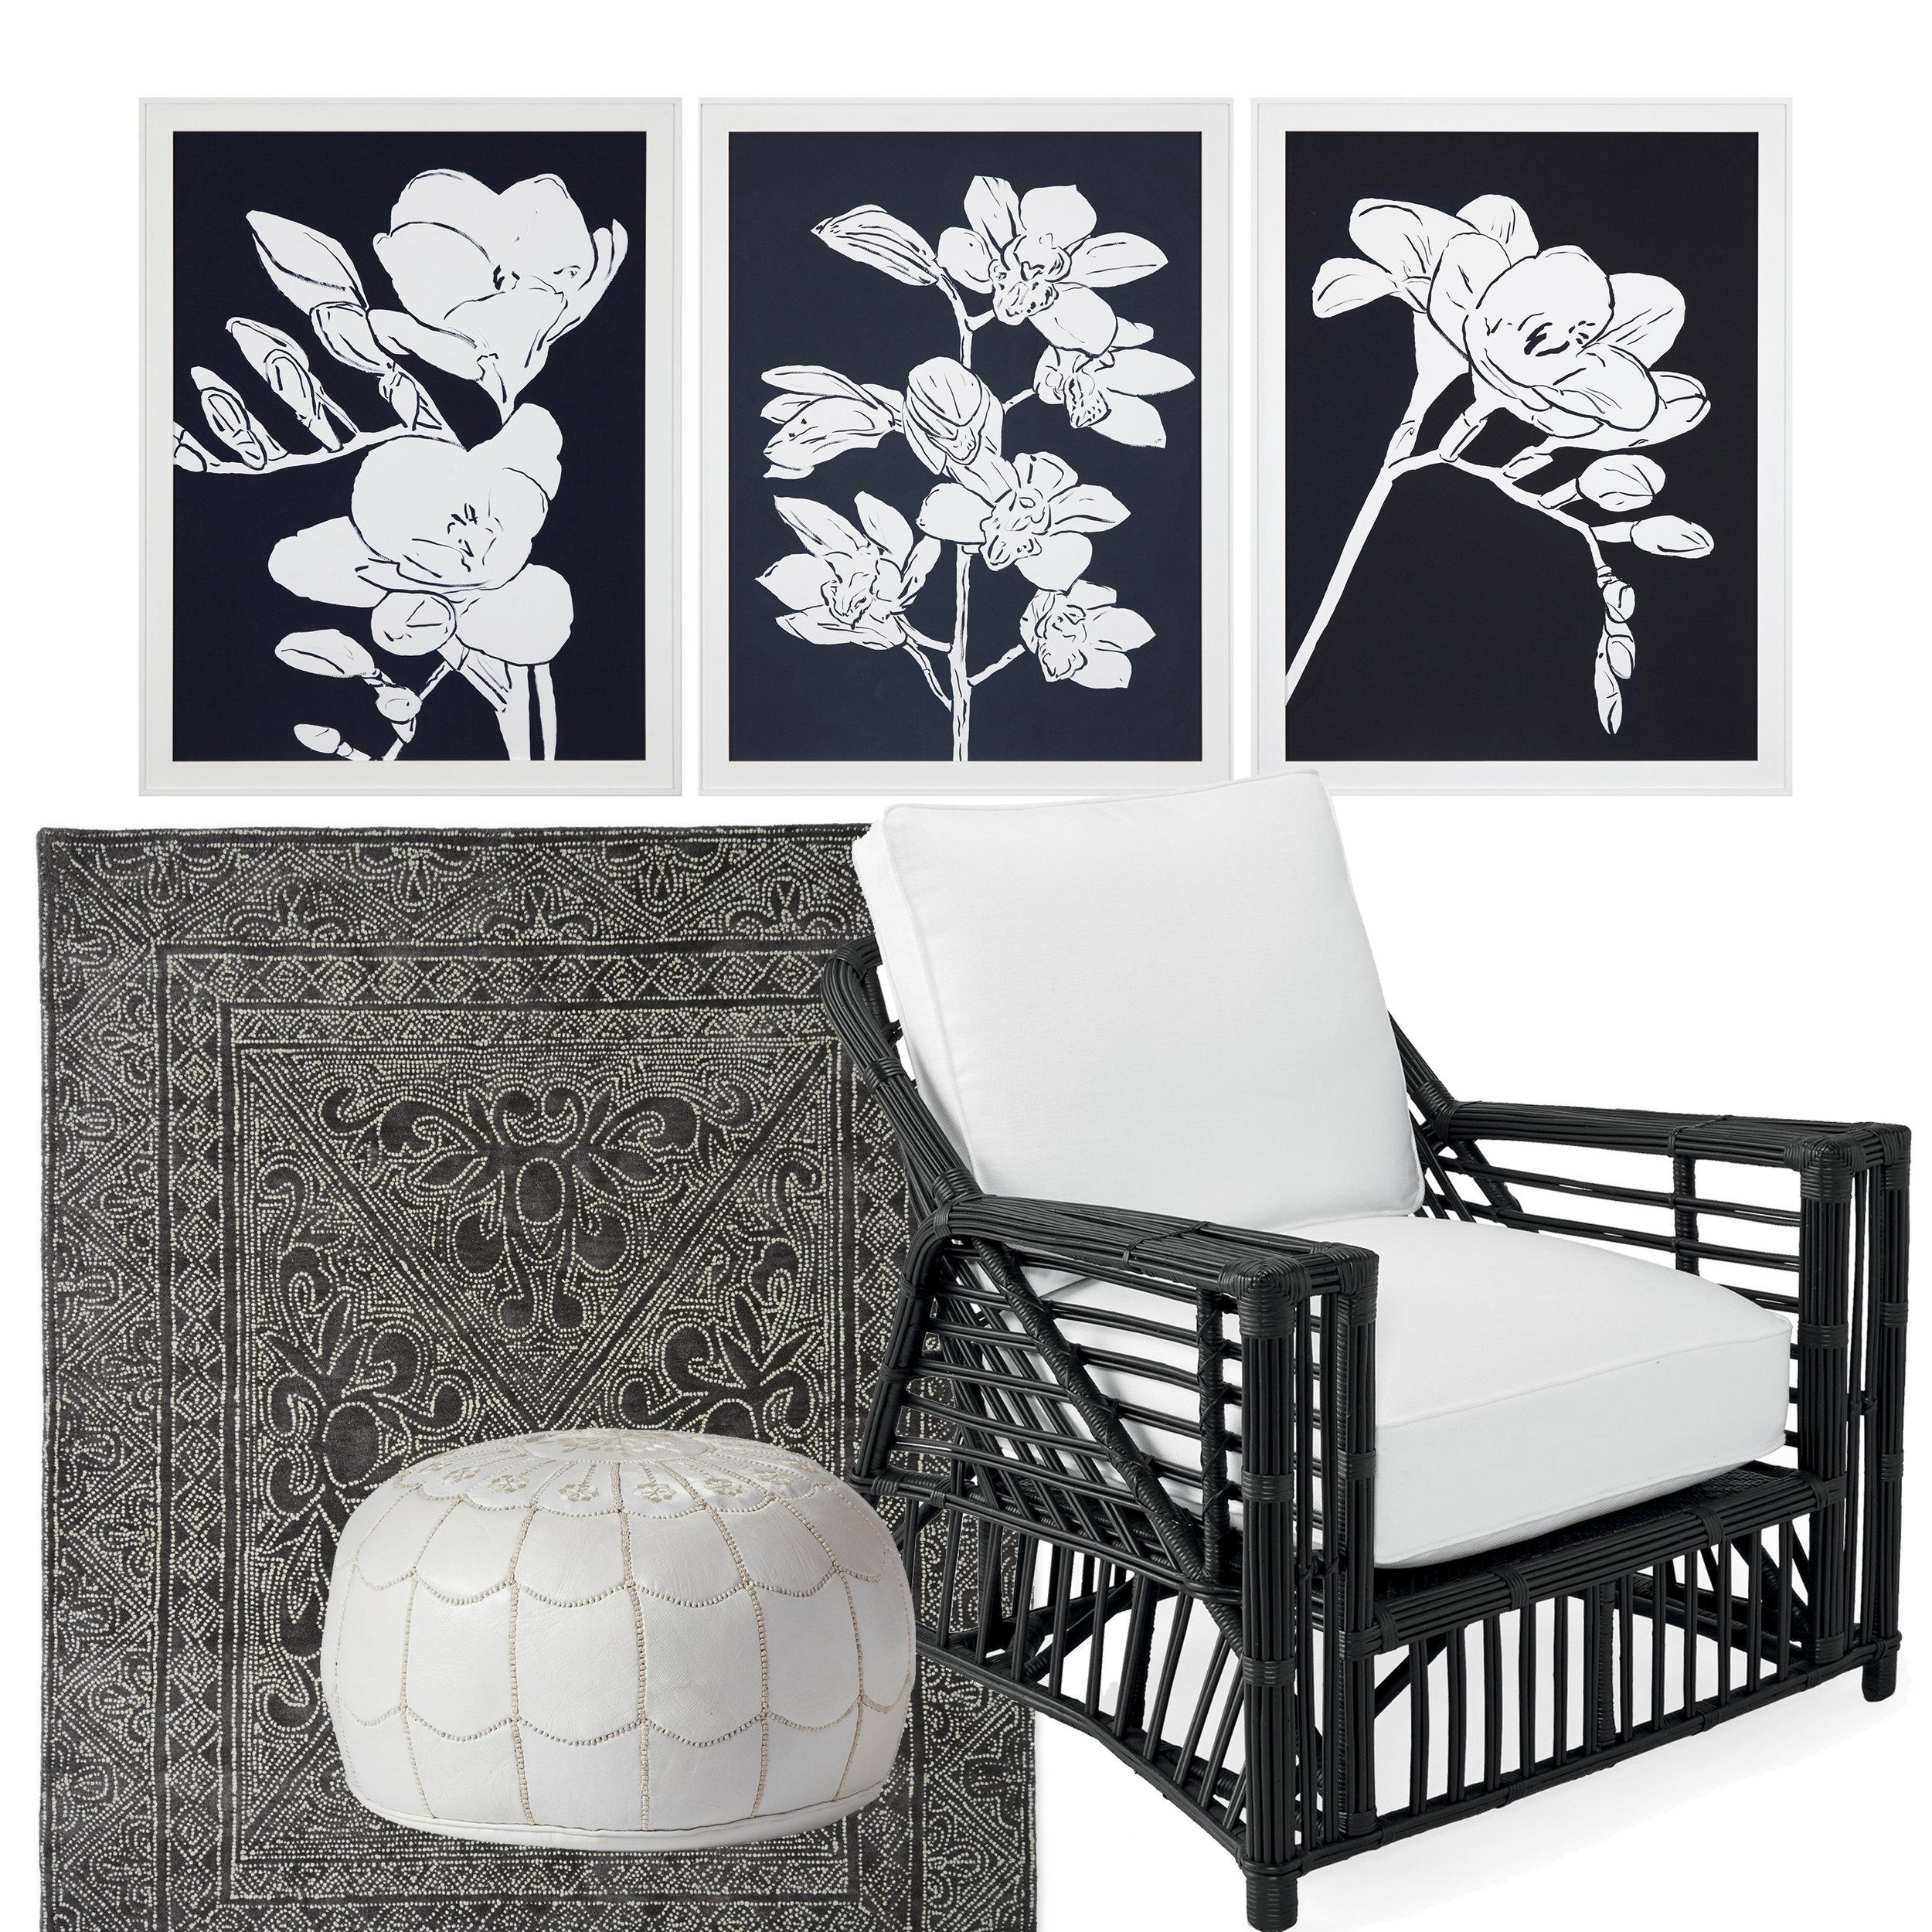 black and white interior ig post.jpg